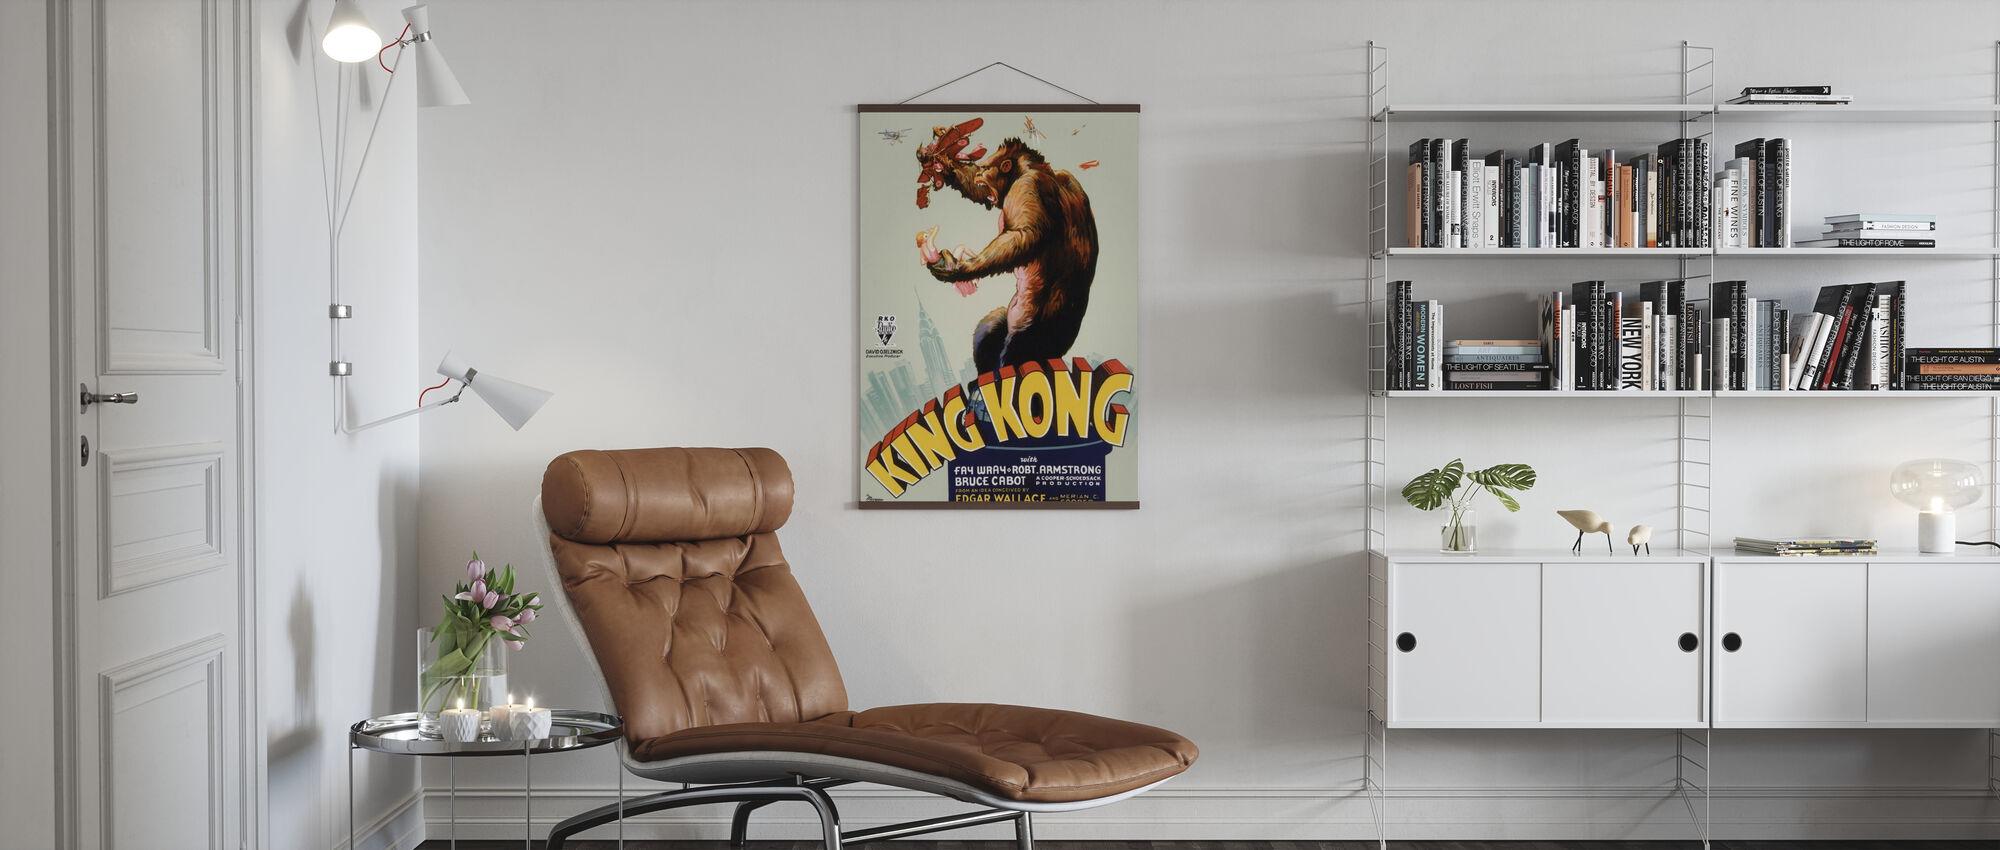 King Kong - Poster - Woonkamer